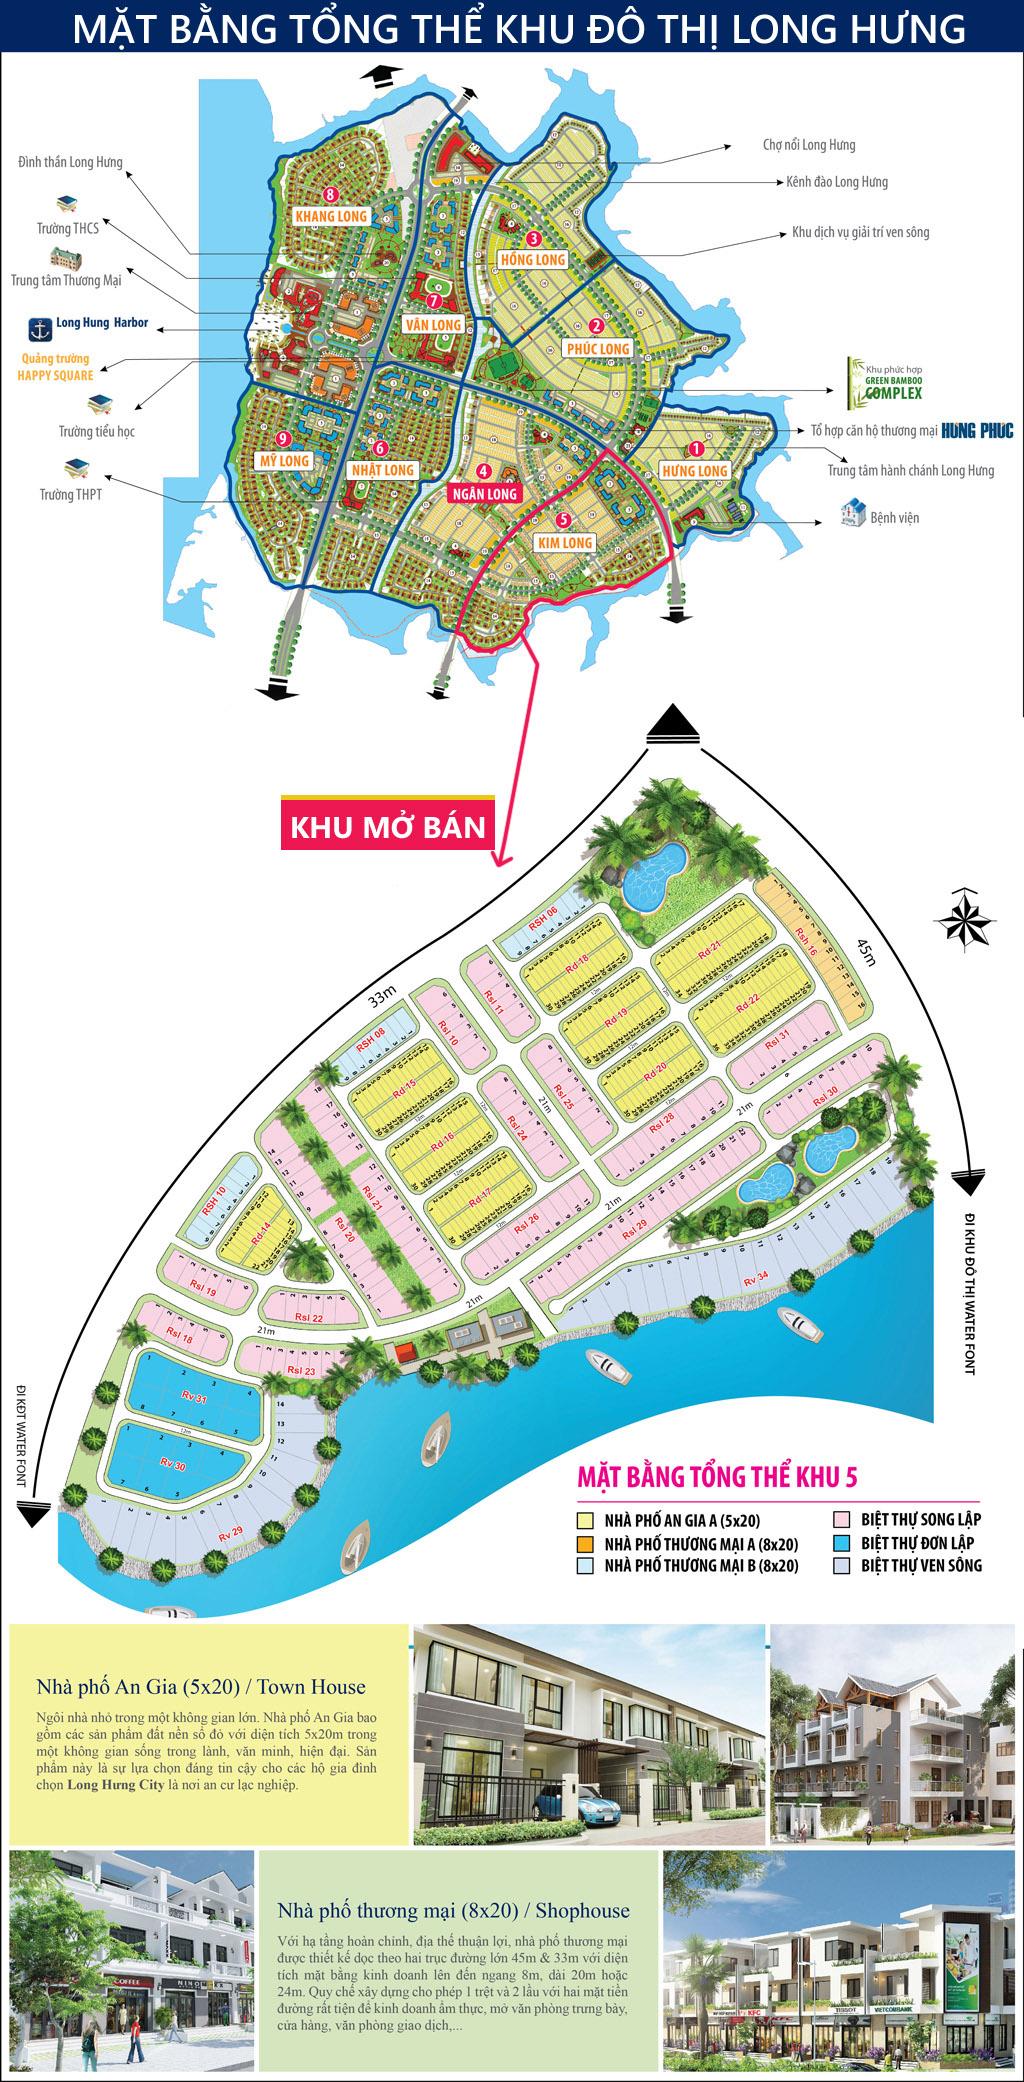 Mặt bằng dự án Khu đô thị Long Hưng, Biên Hòa - Khu Kim Long - mở bán đất nền.